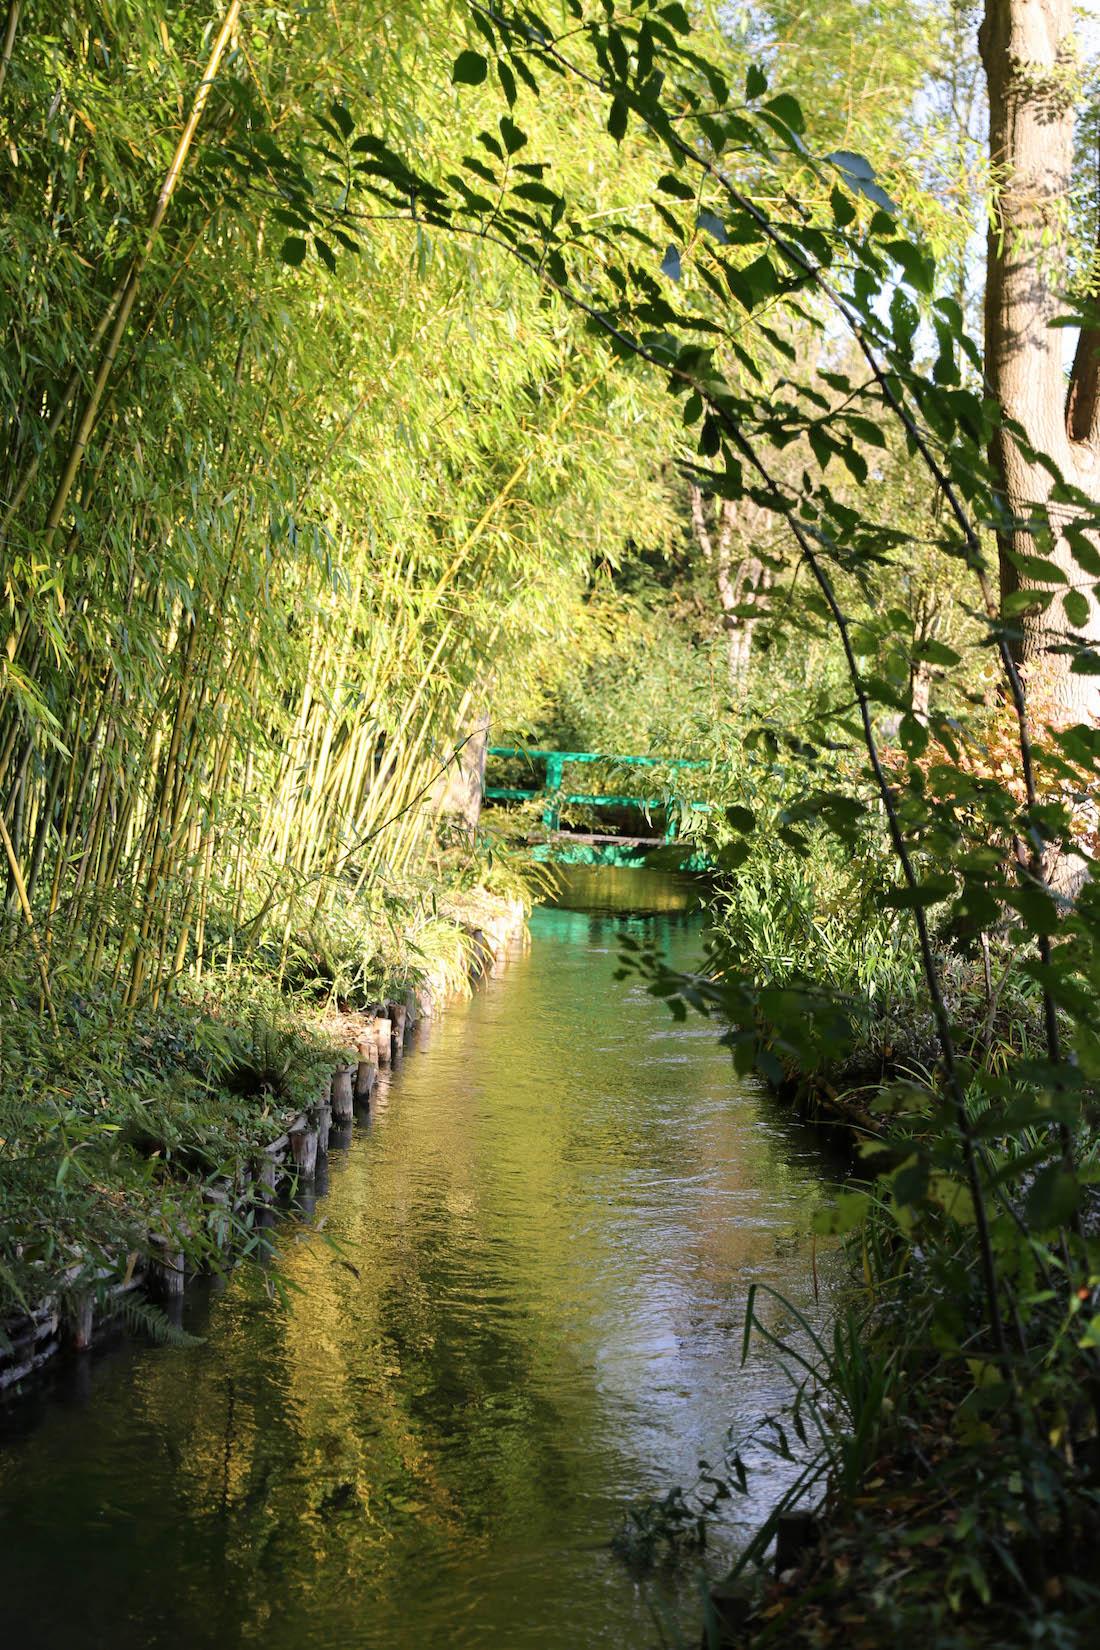 visite-maison-claude-monet-jardin-giverny